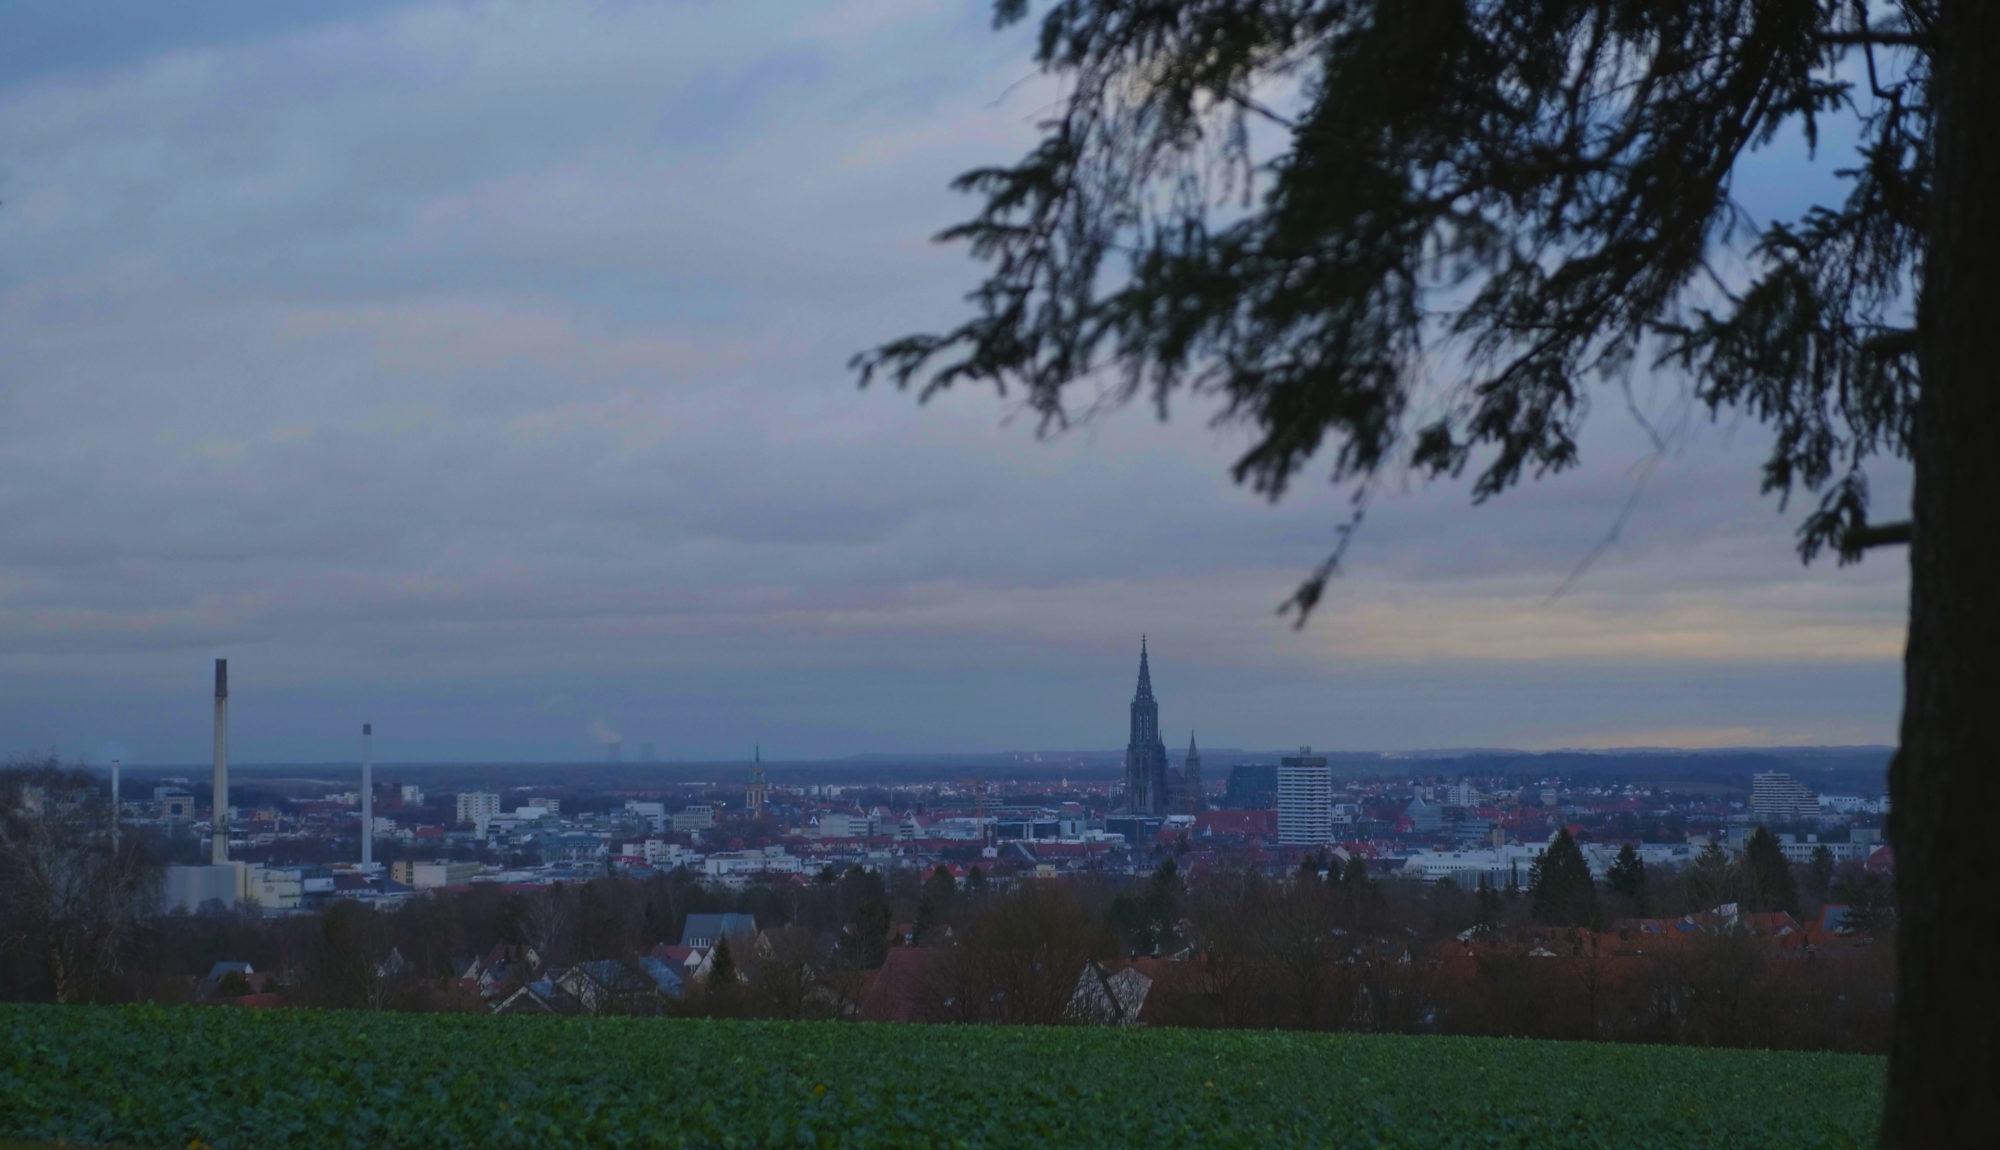 Weihnachtsfeier Ulm.Weihnachtsfeier 2018 Dpsg Ulm Söflingen